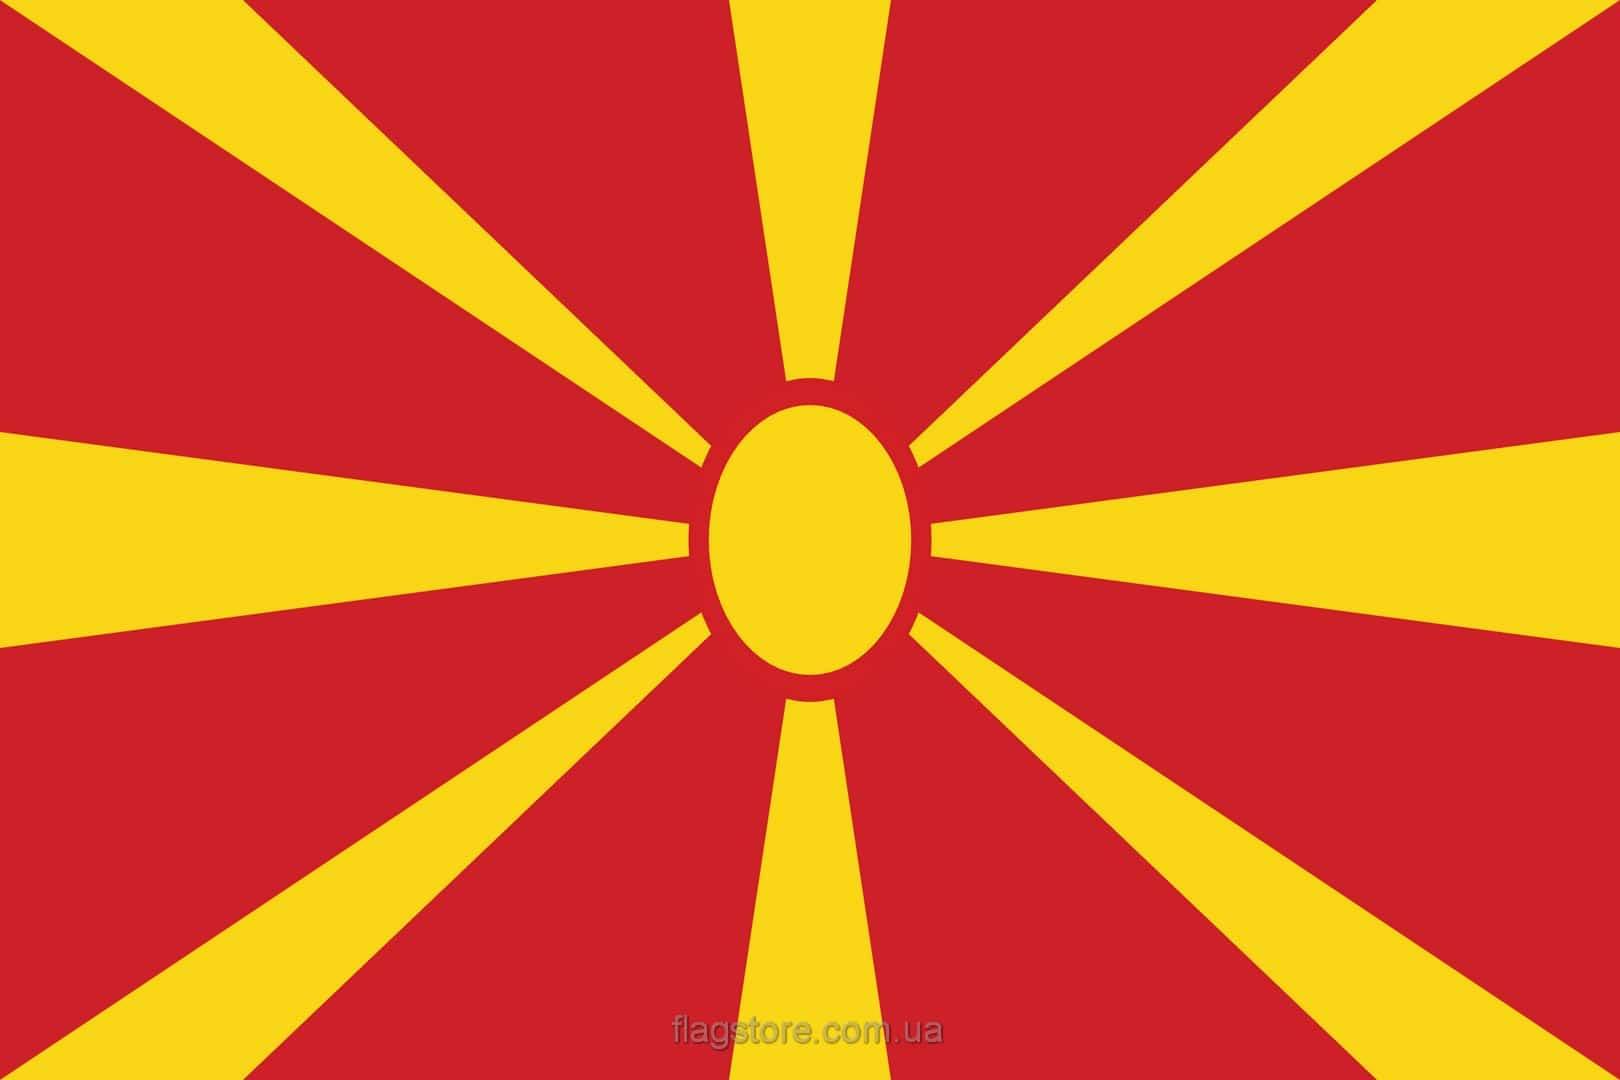 Купить флаг Республики Македонии  (страны Республика Македония)